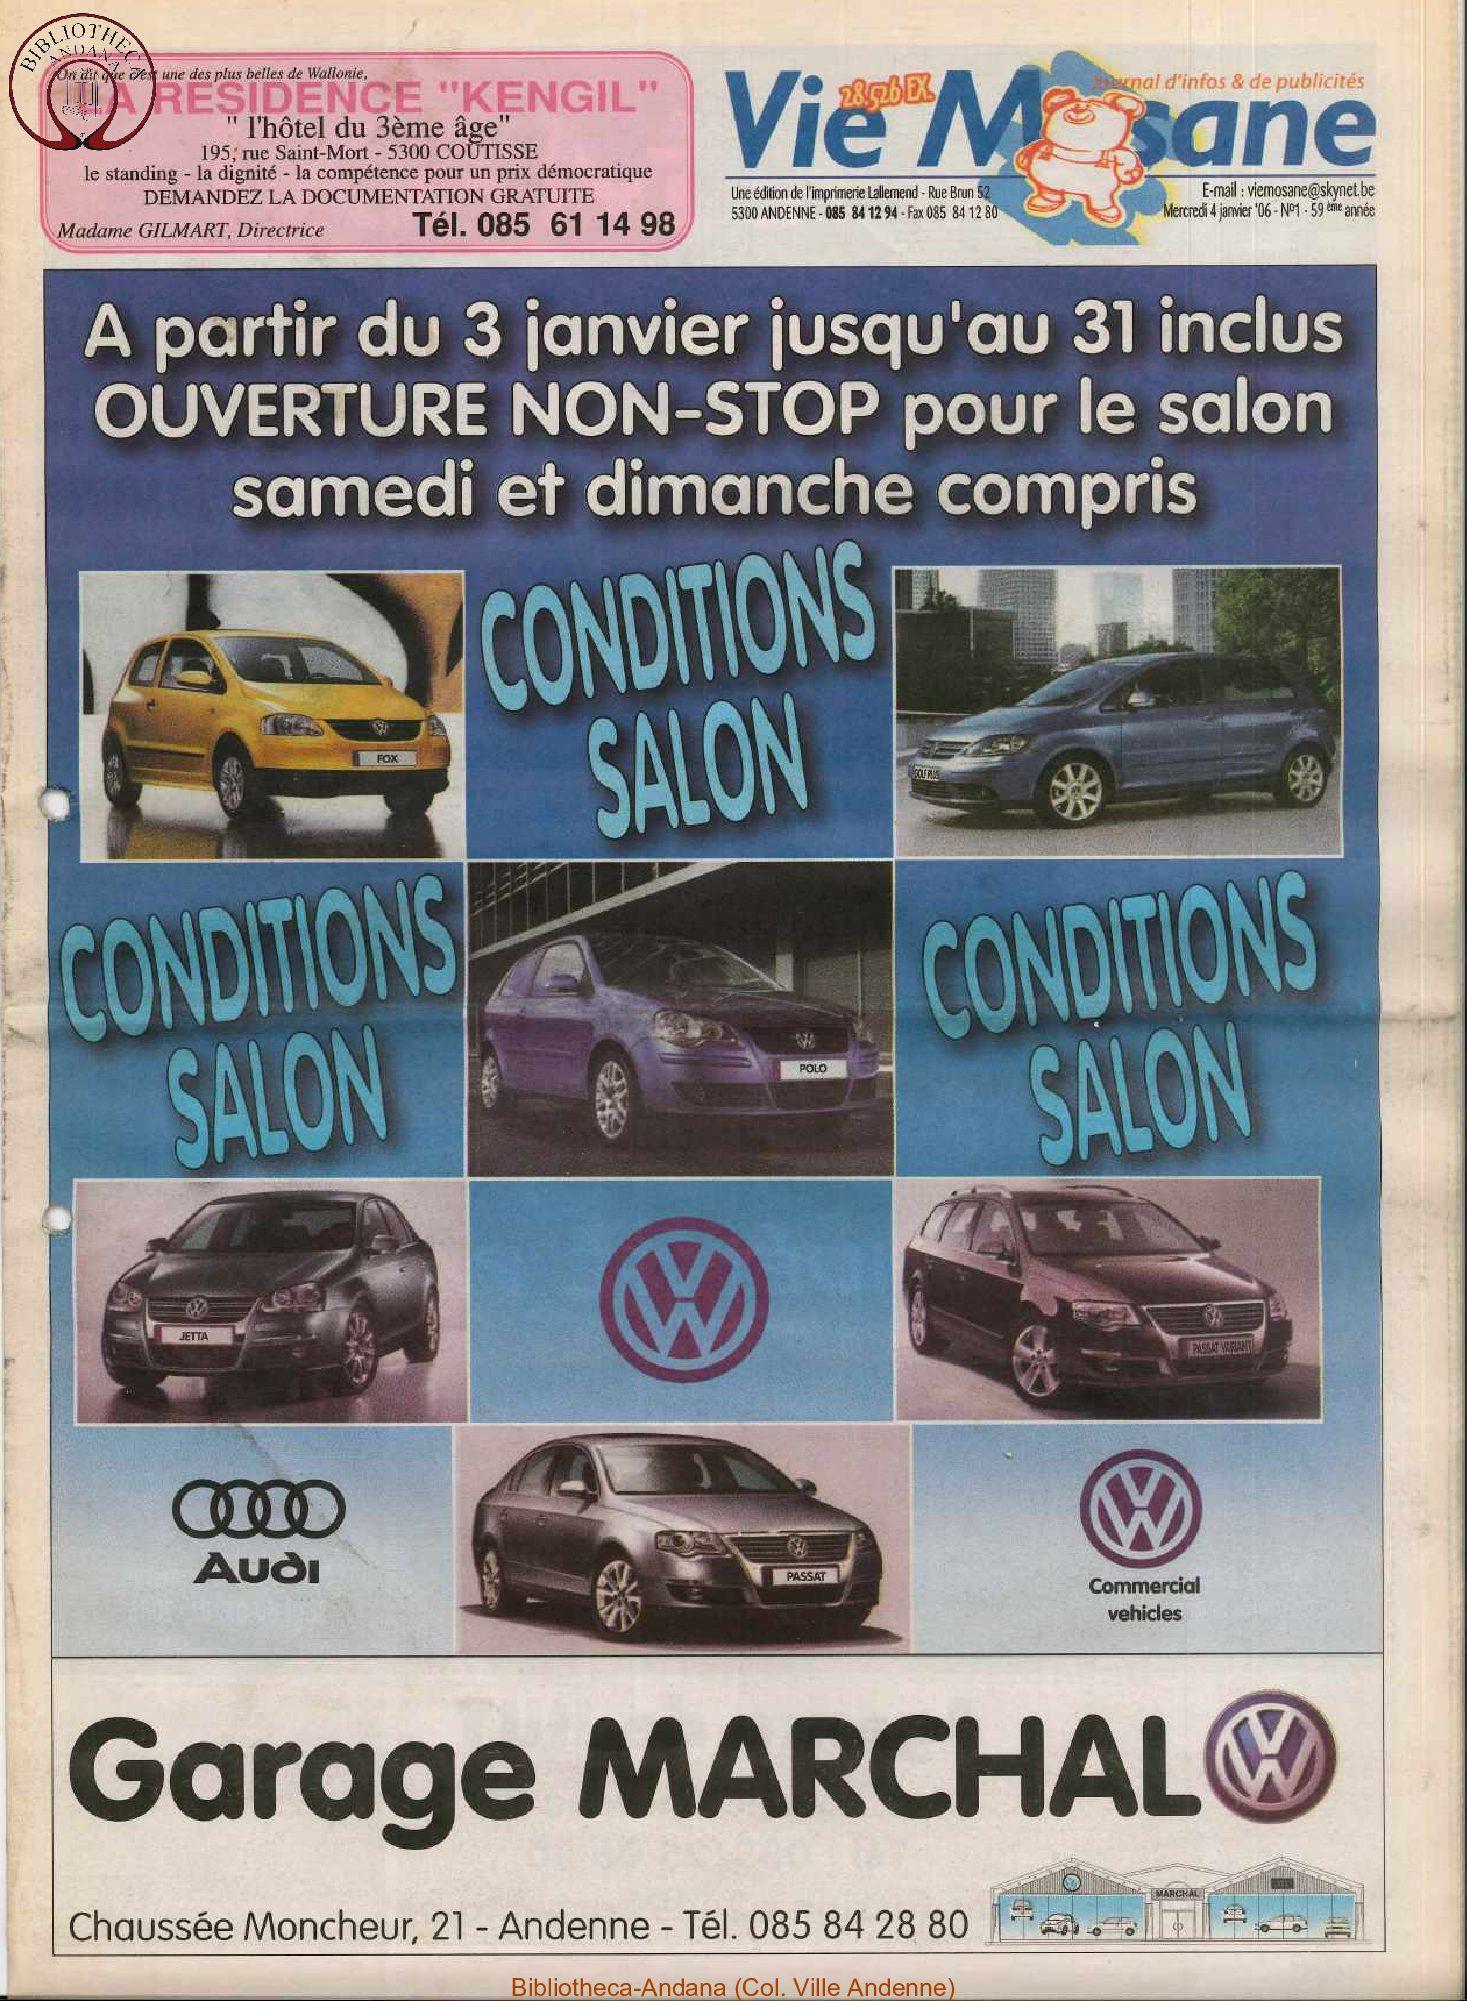 59e année - n°1 - 4 janvier 2006